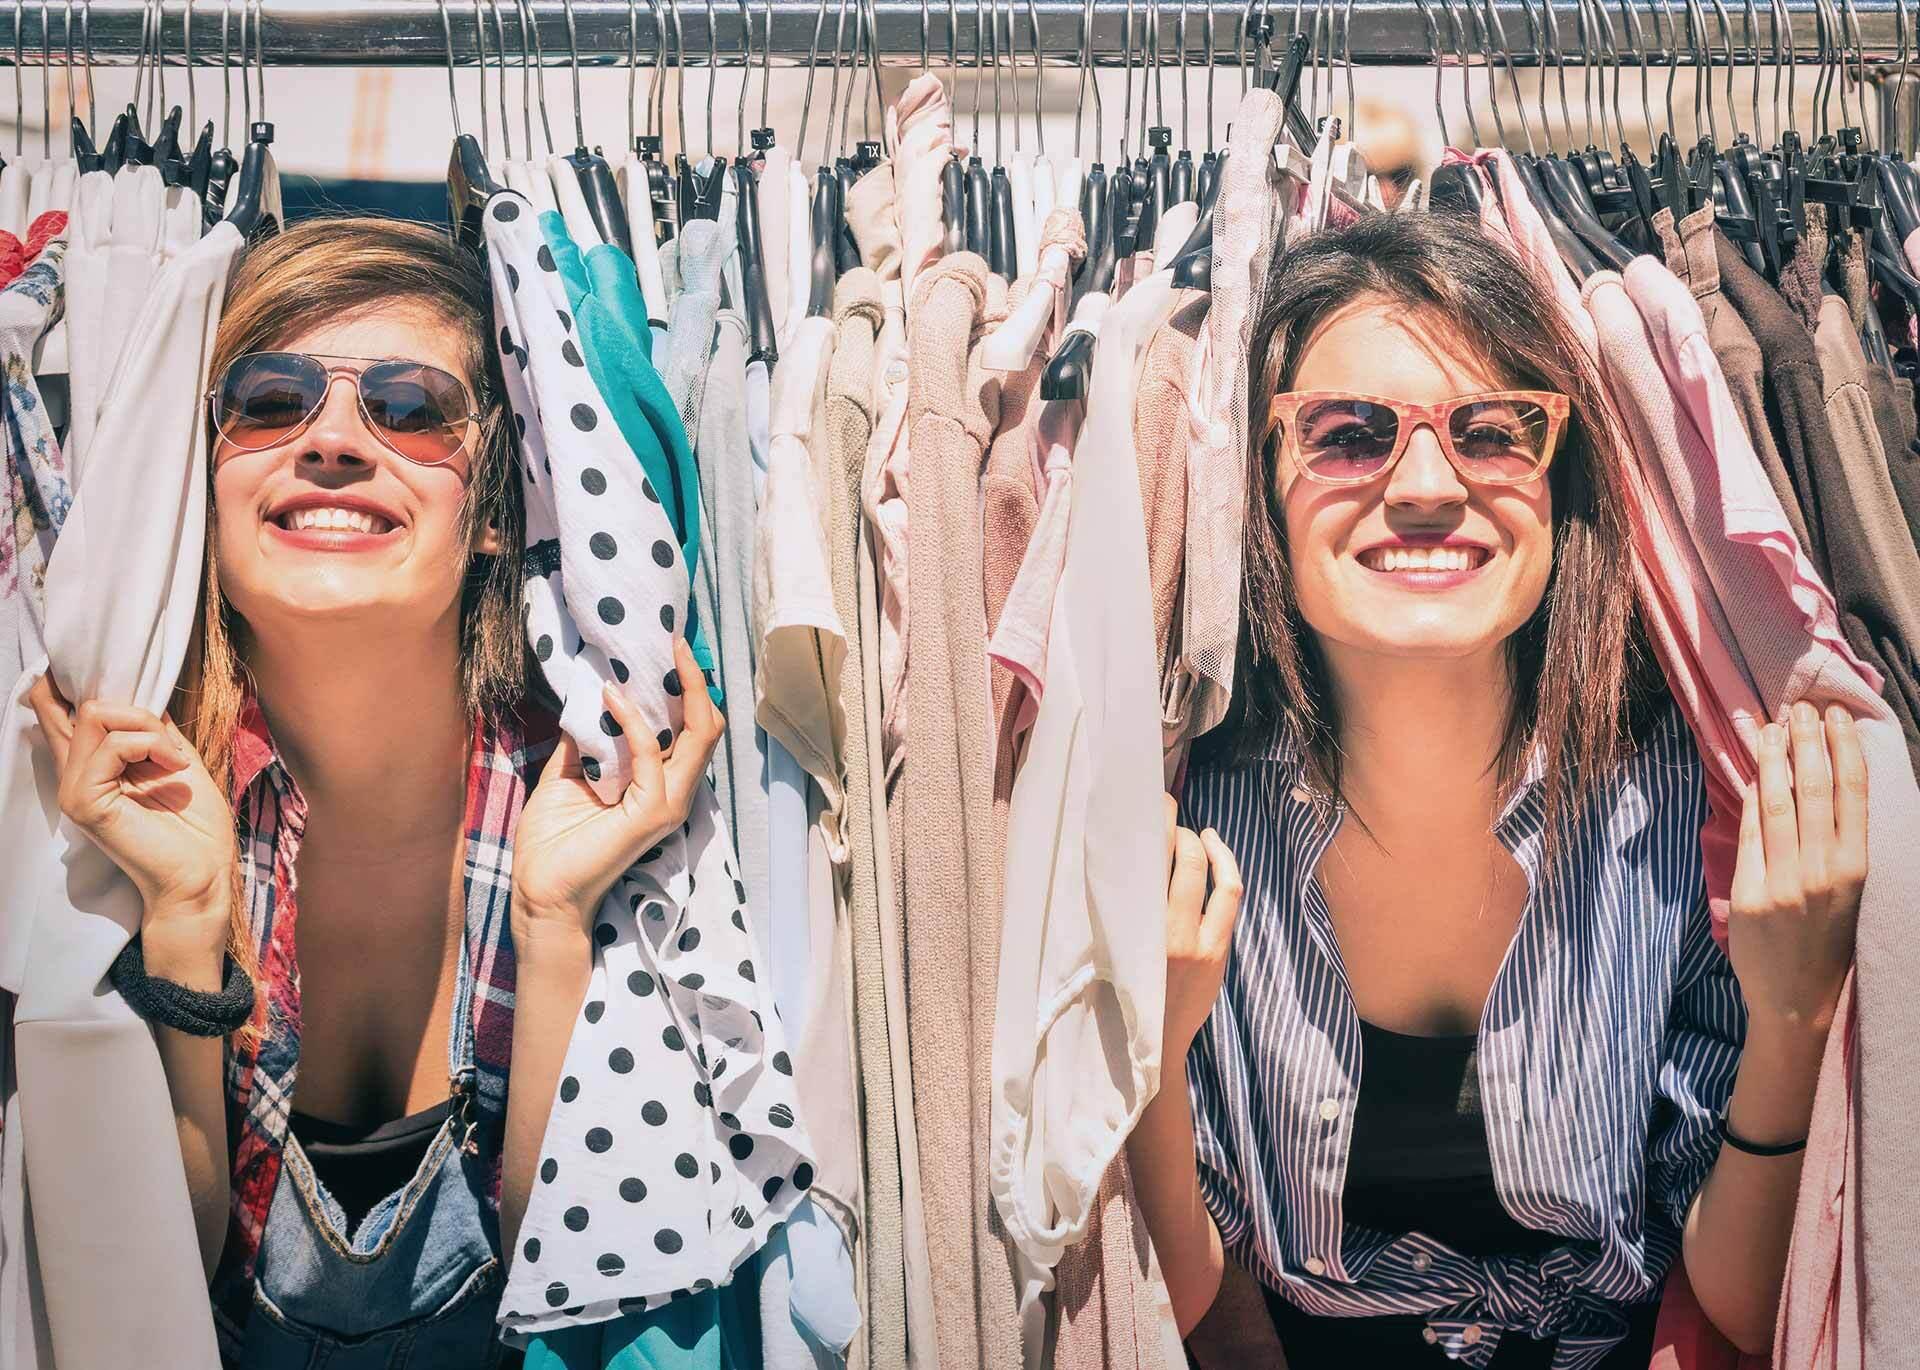 Gdzie sprzedać używane ubrania?